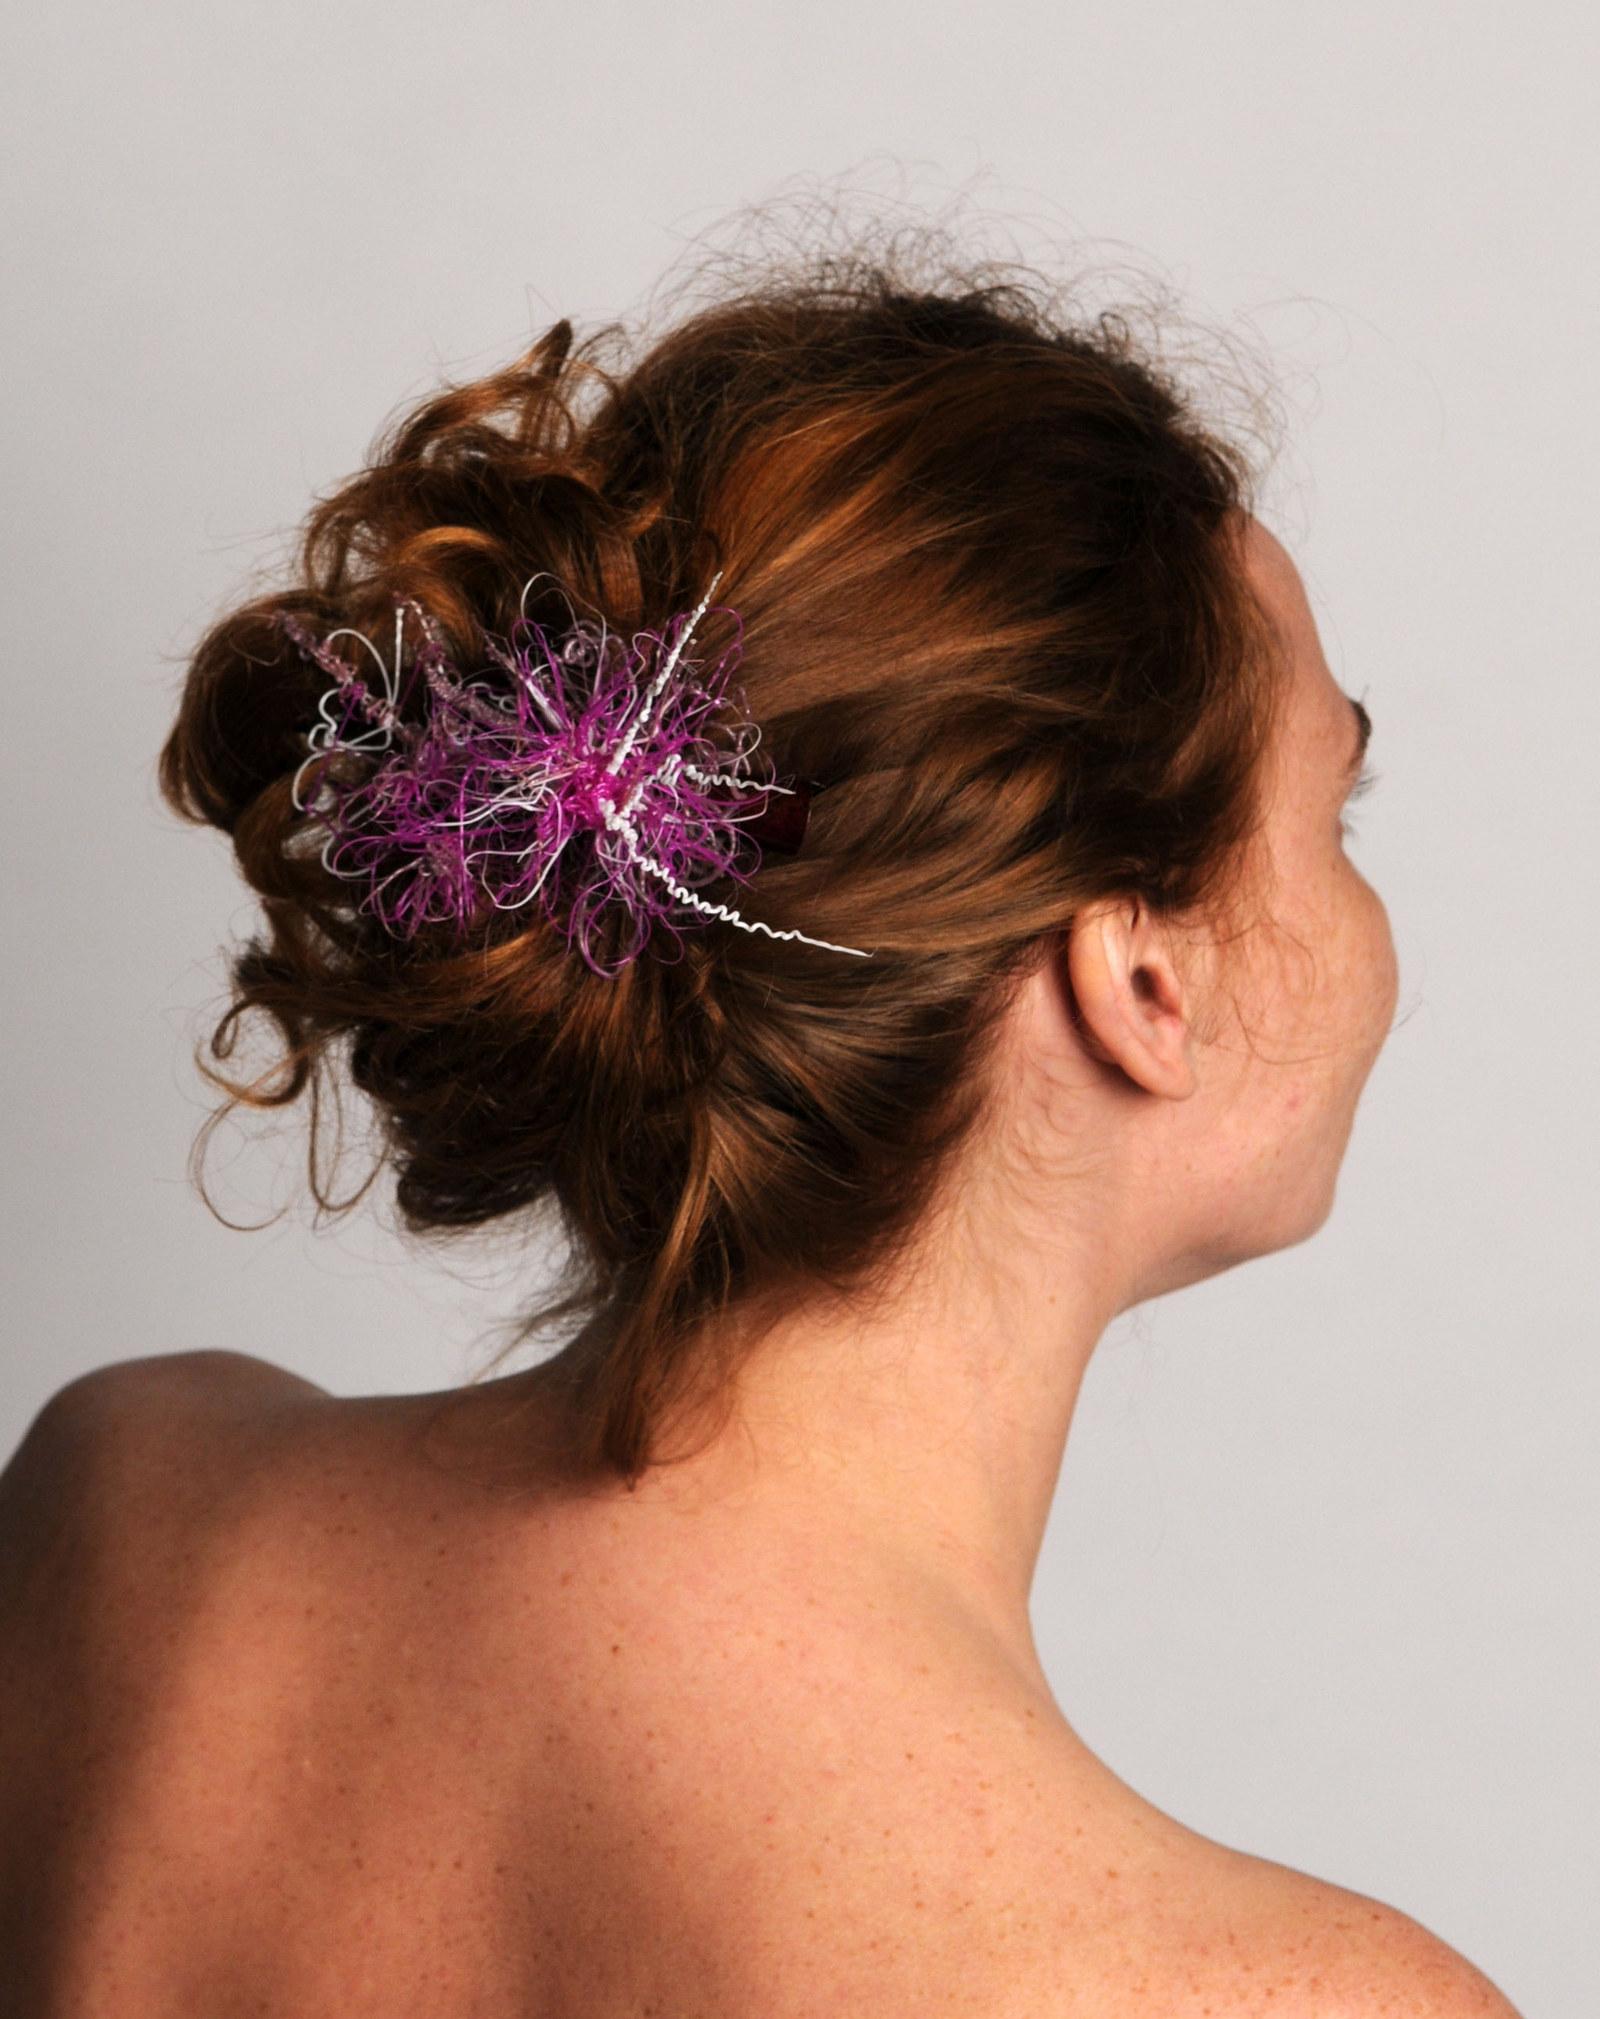 Spona do vlasů Botaniculus - Fialová sasanka   Zboží prodejce MKS ... d295029724